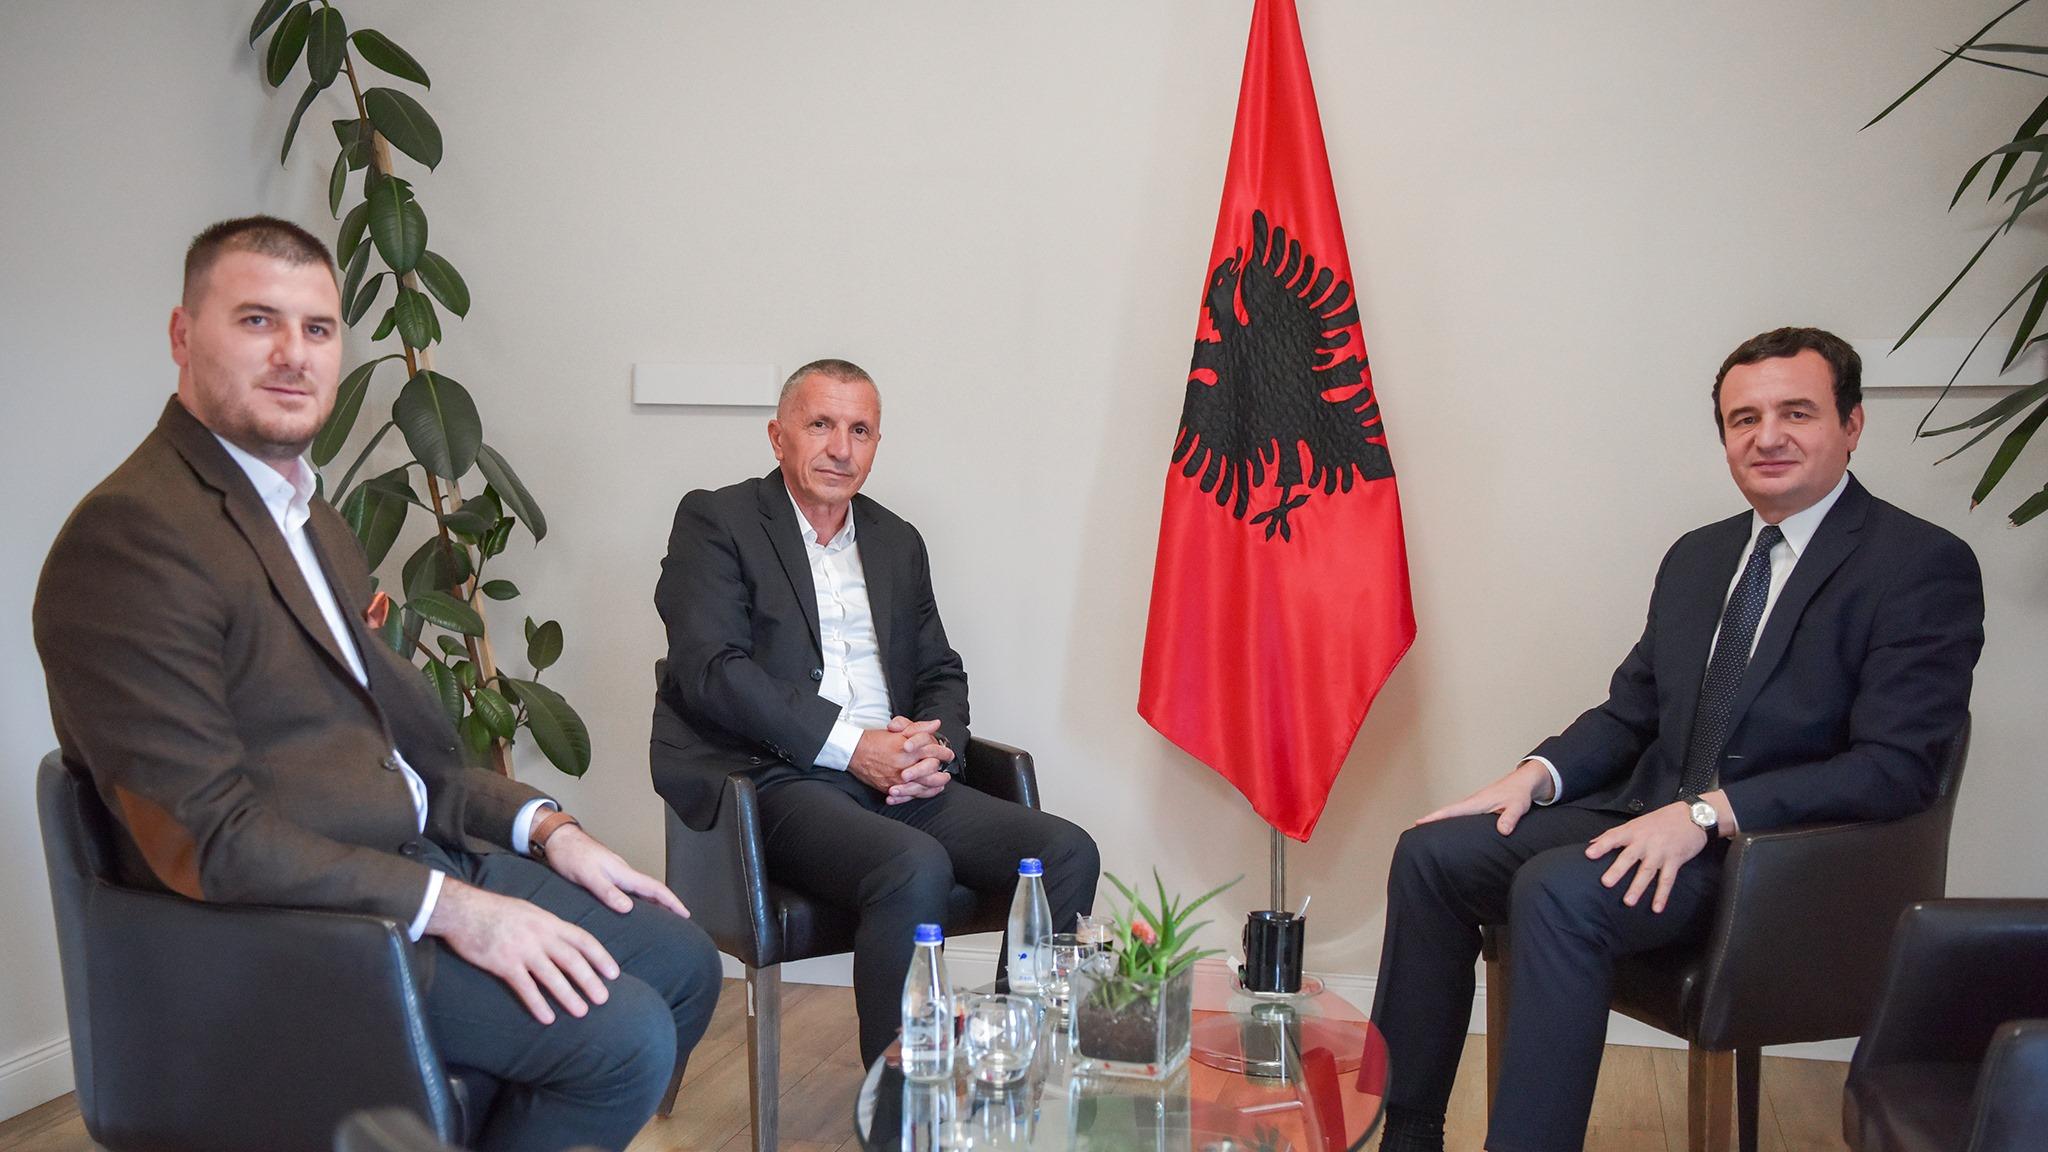 kurti-i-predsednik-opstine-bujanovac-o-albanskom-univerzitetu-u-tom-gradu